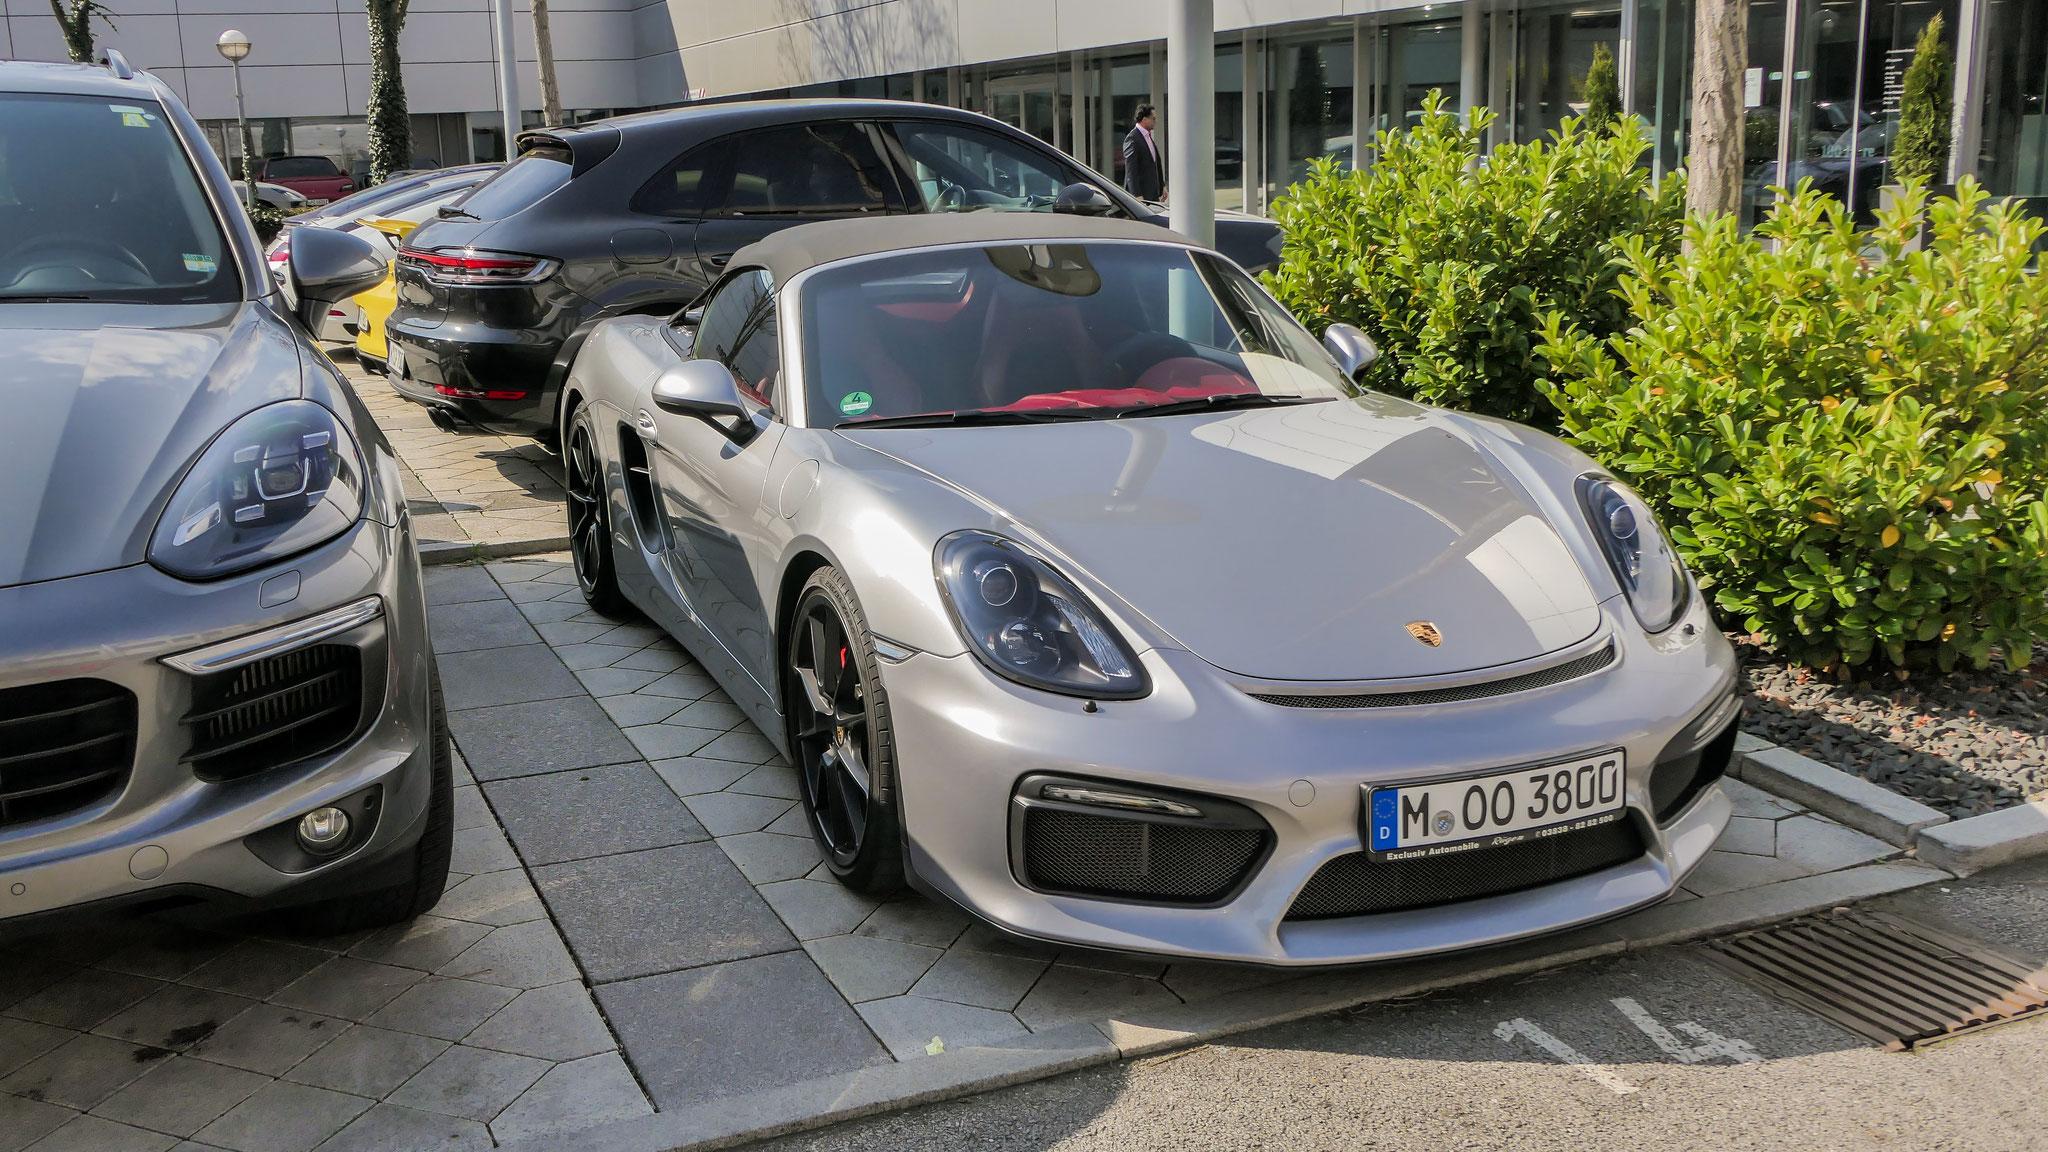 Porsche 718 Spyder - M-OO-3800